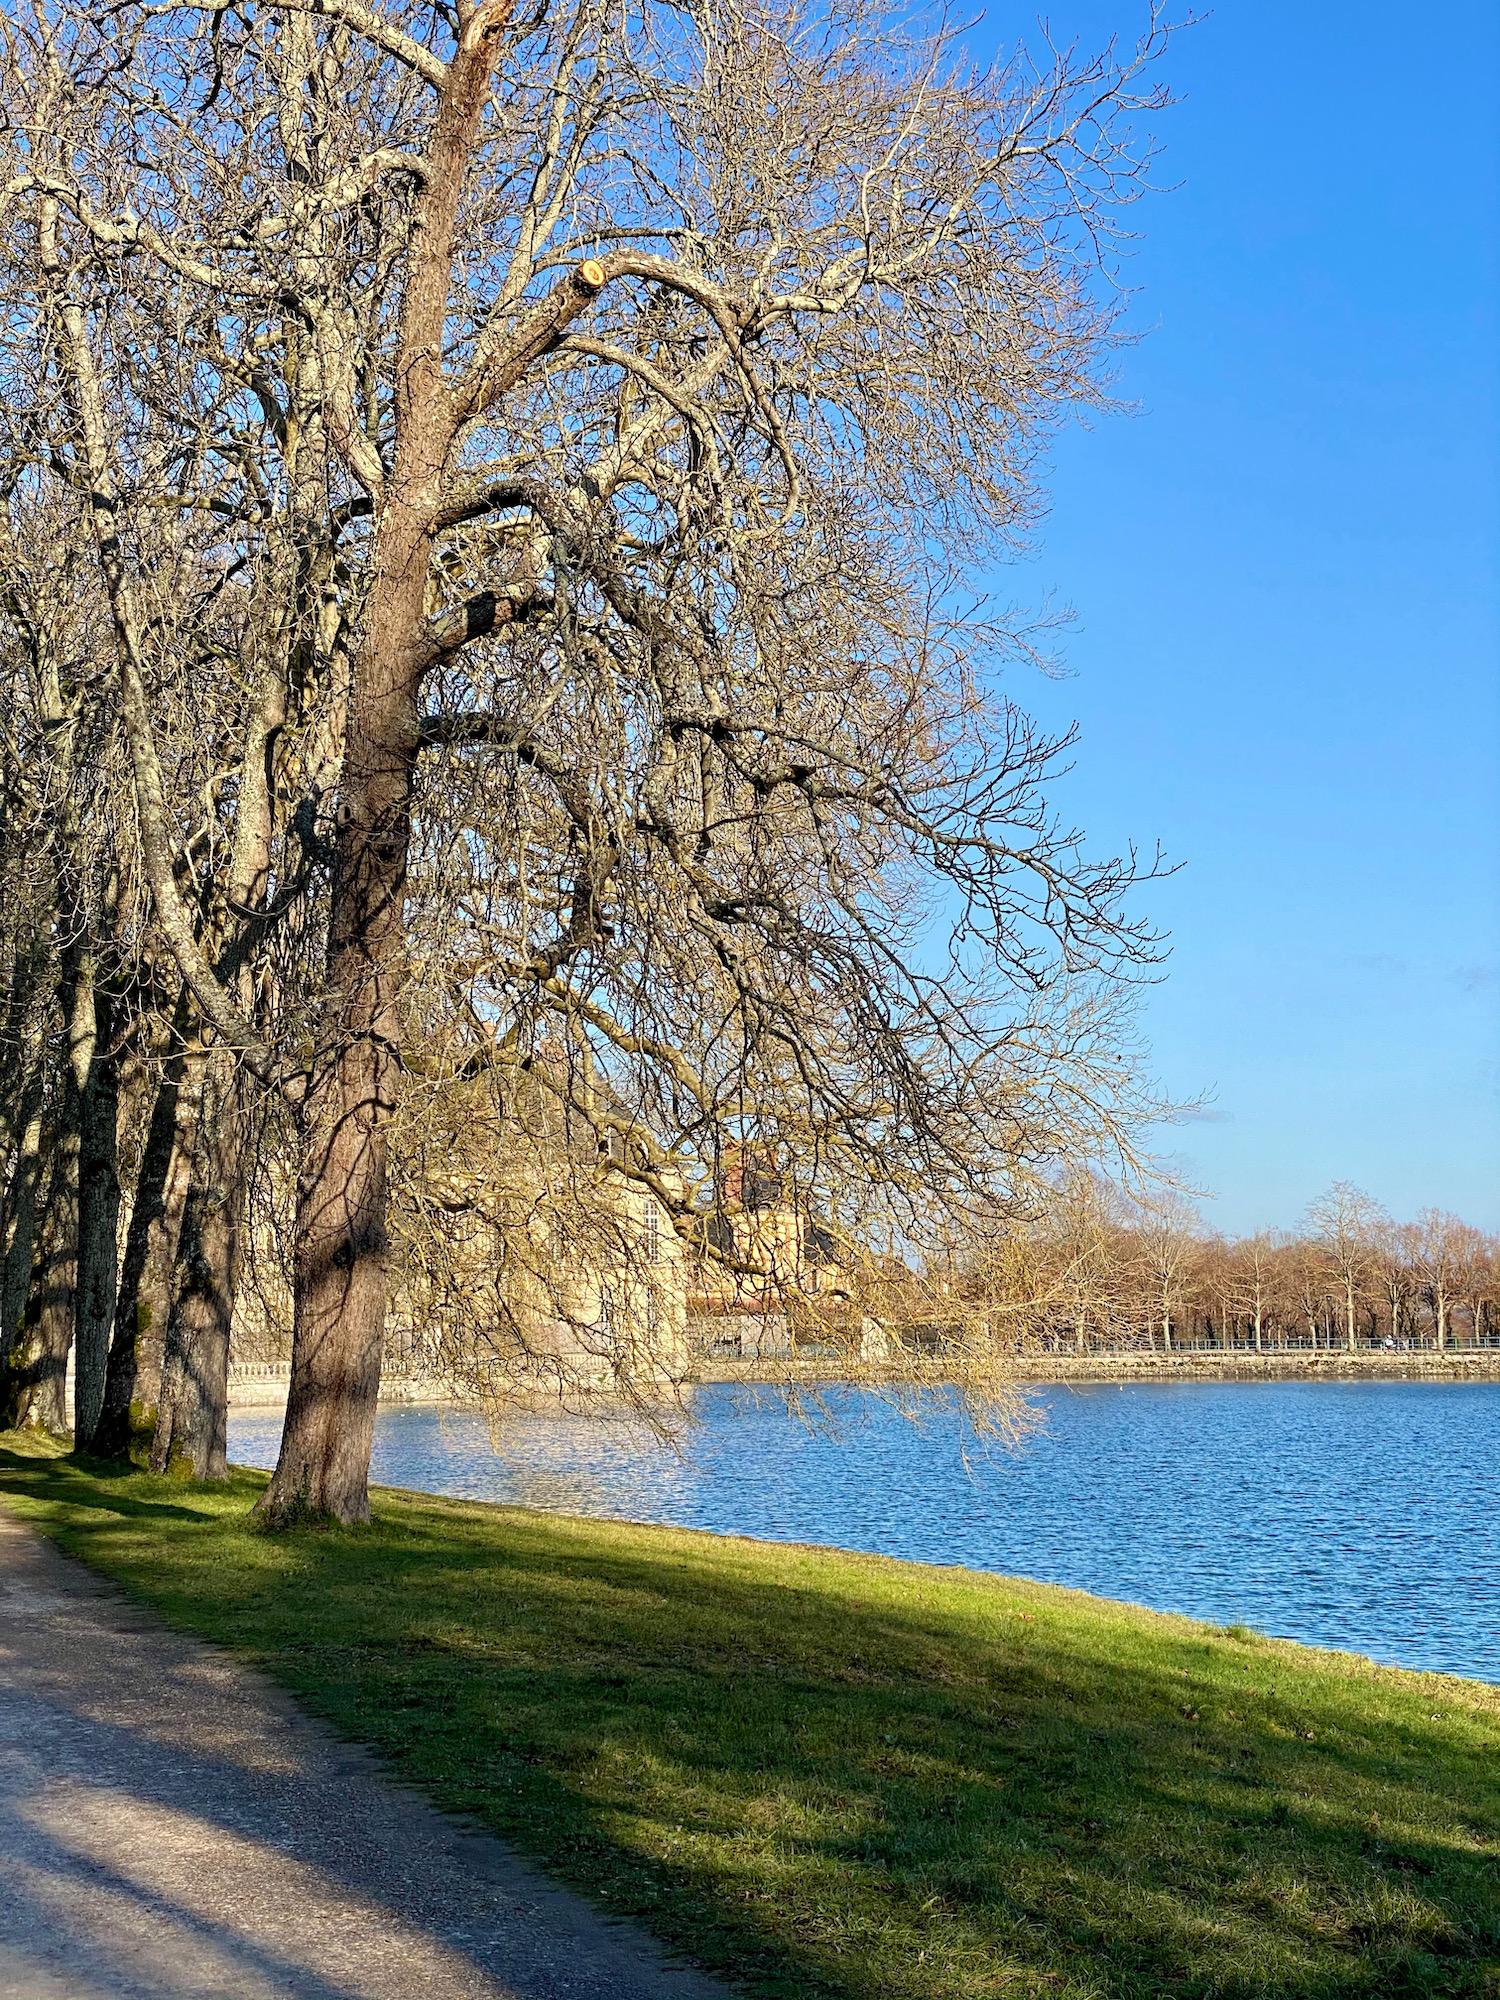 carp lake fontainebleau